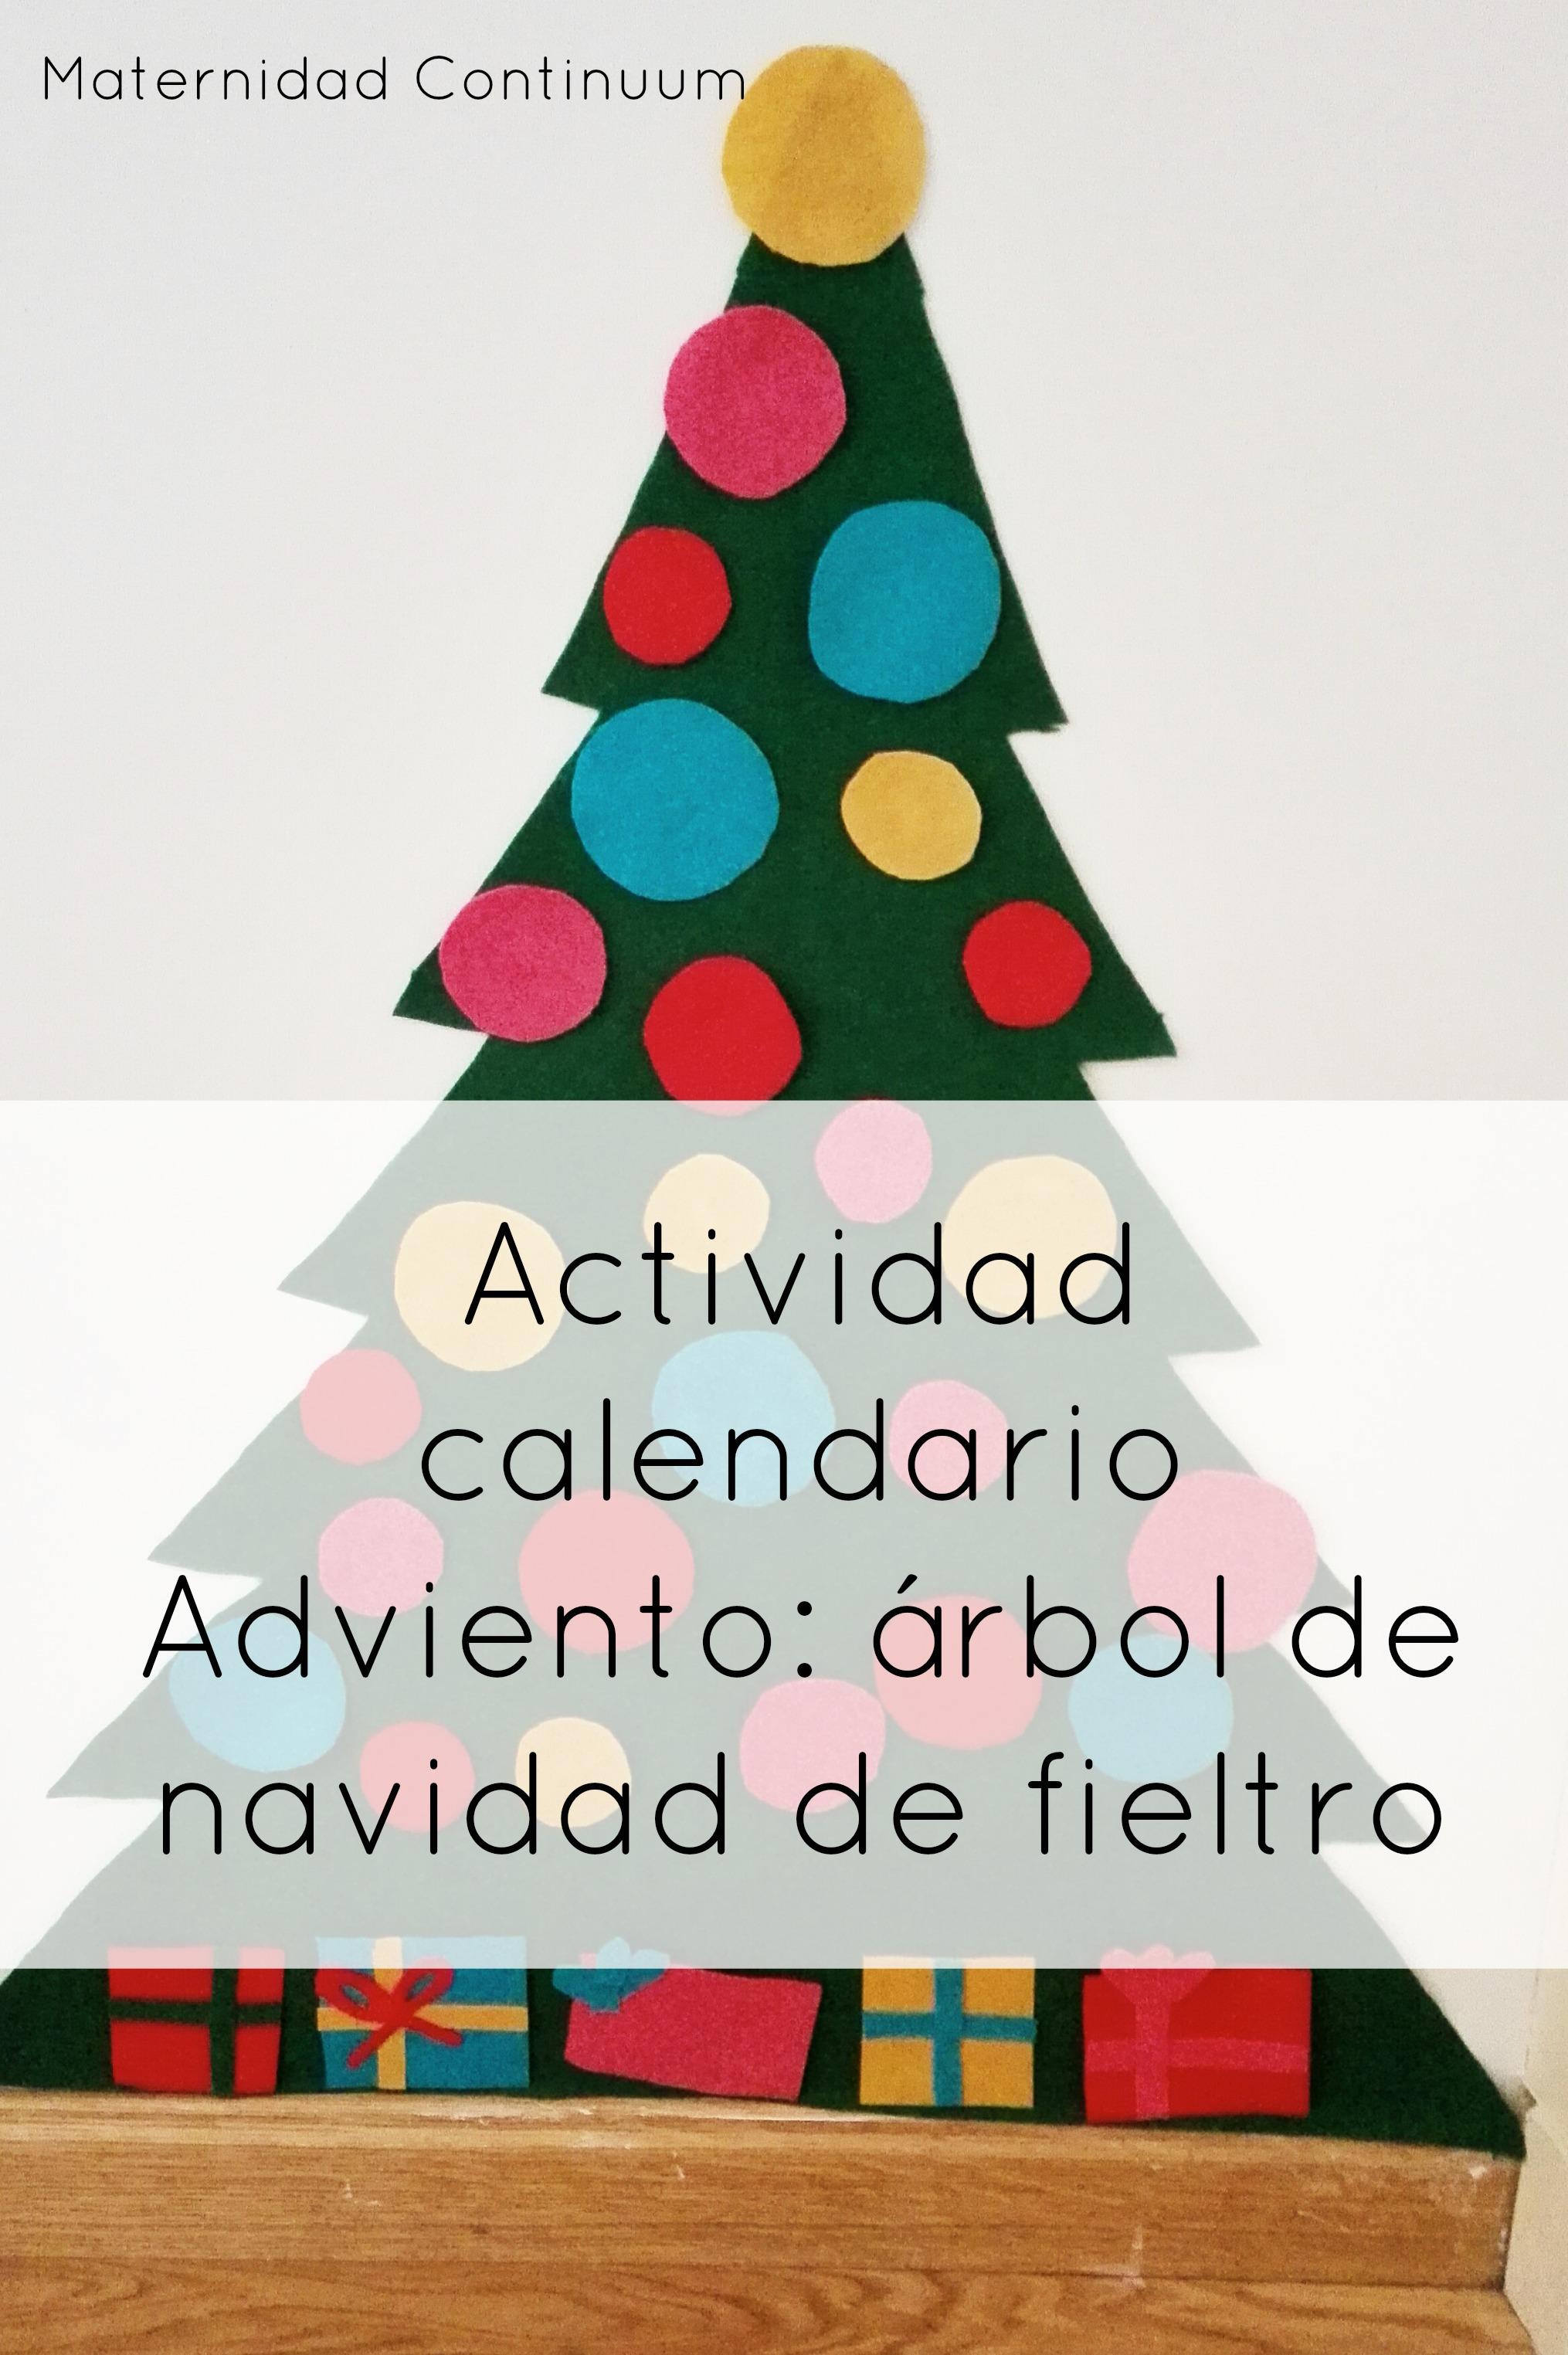 actividad calendario adviento rbol de navidad de fieltro